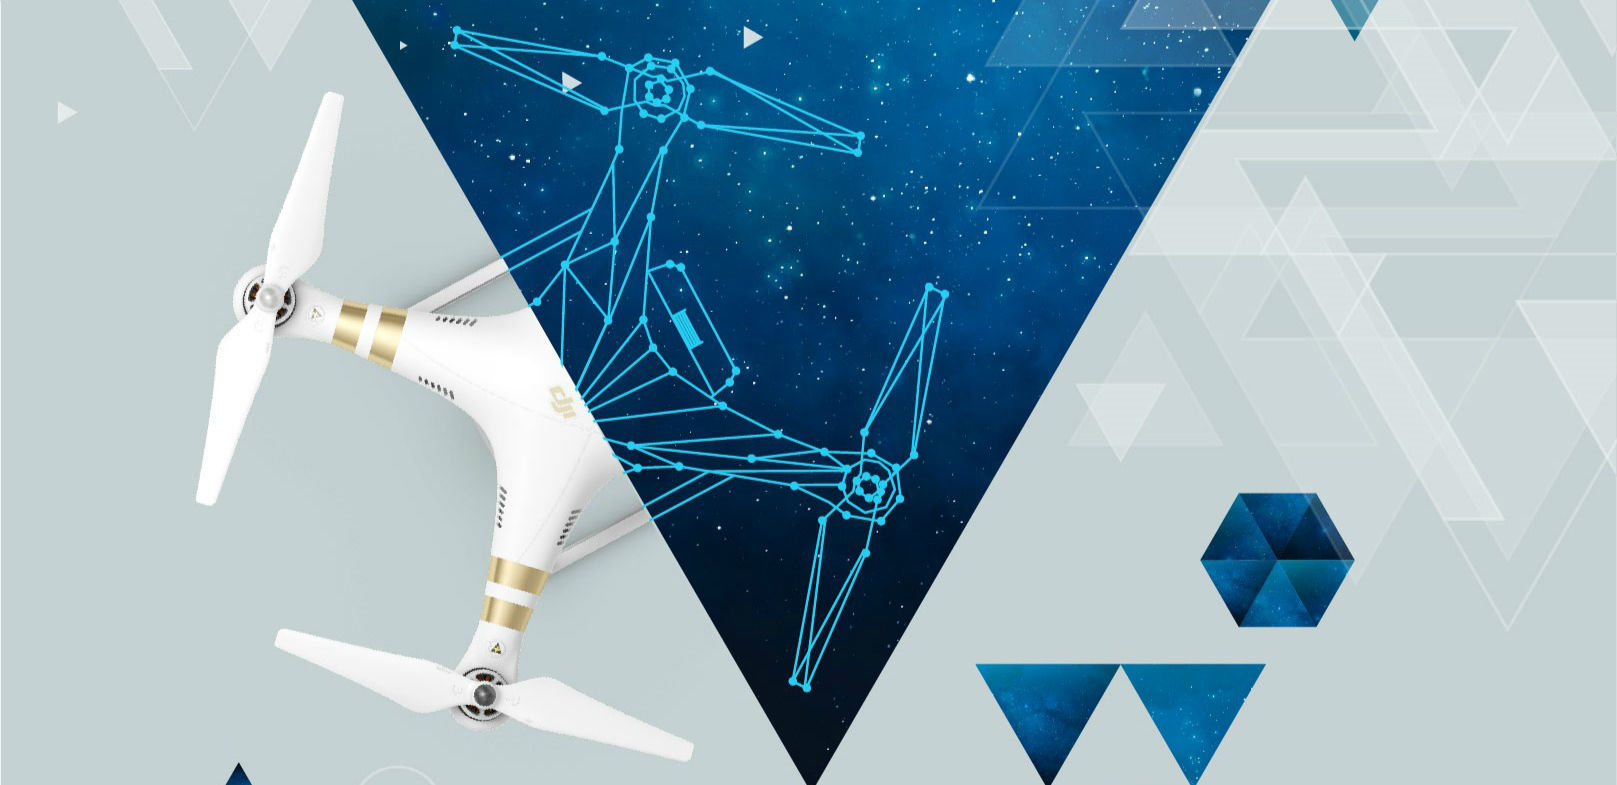 一个团队,一架无人机,一个云台,你能琢磨出什么?